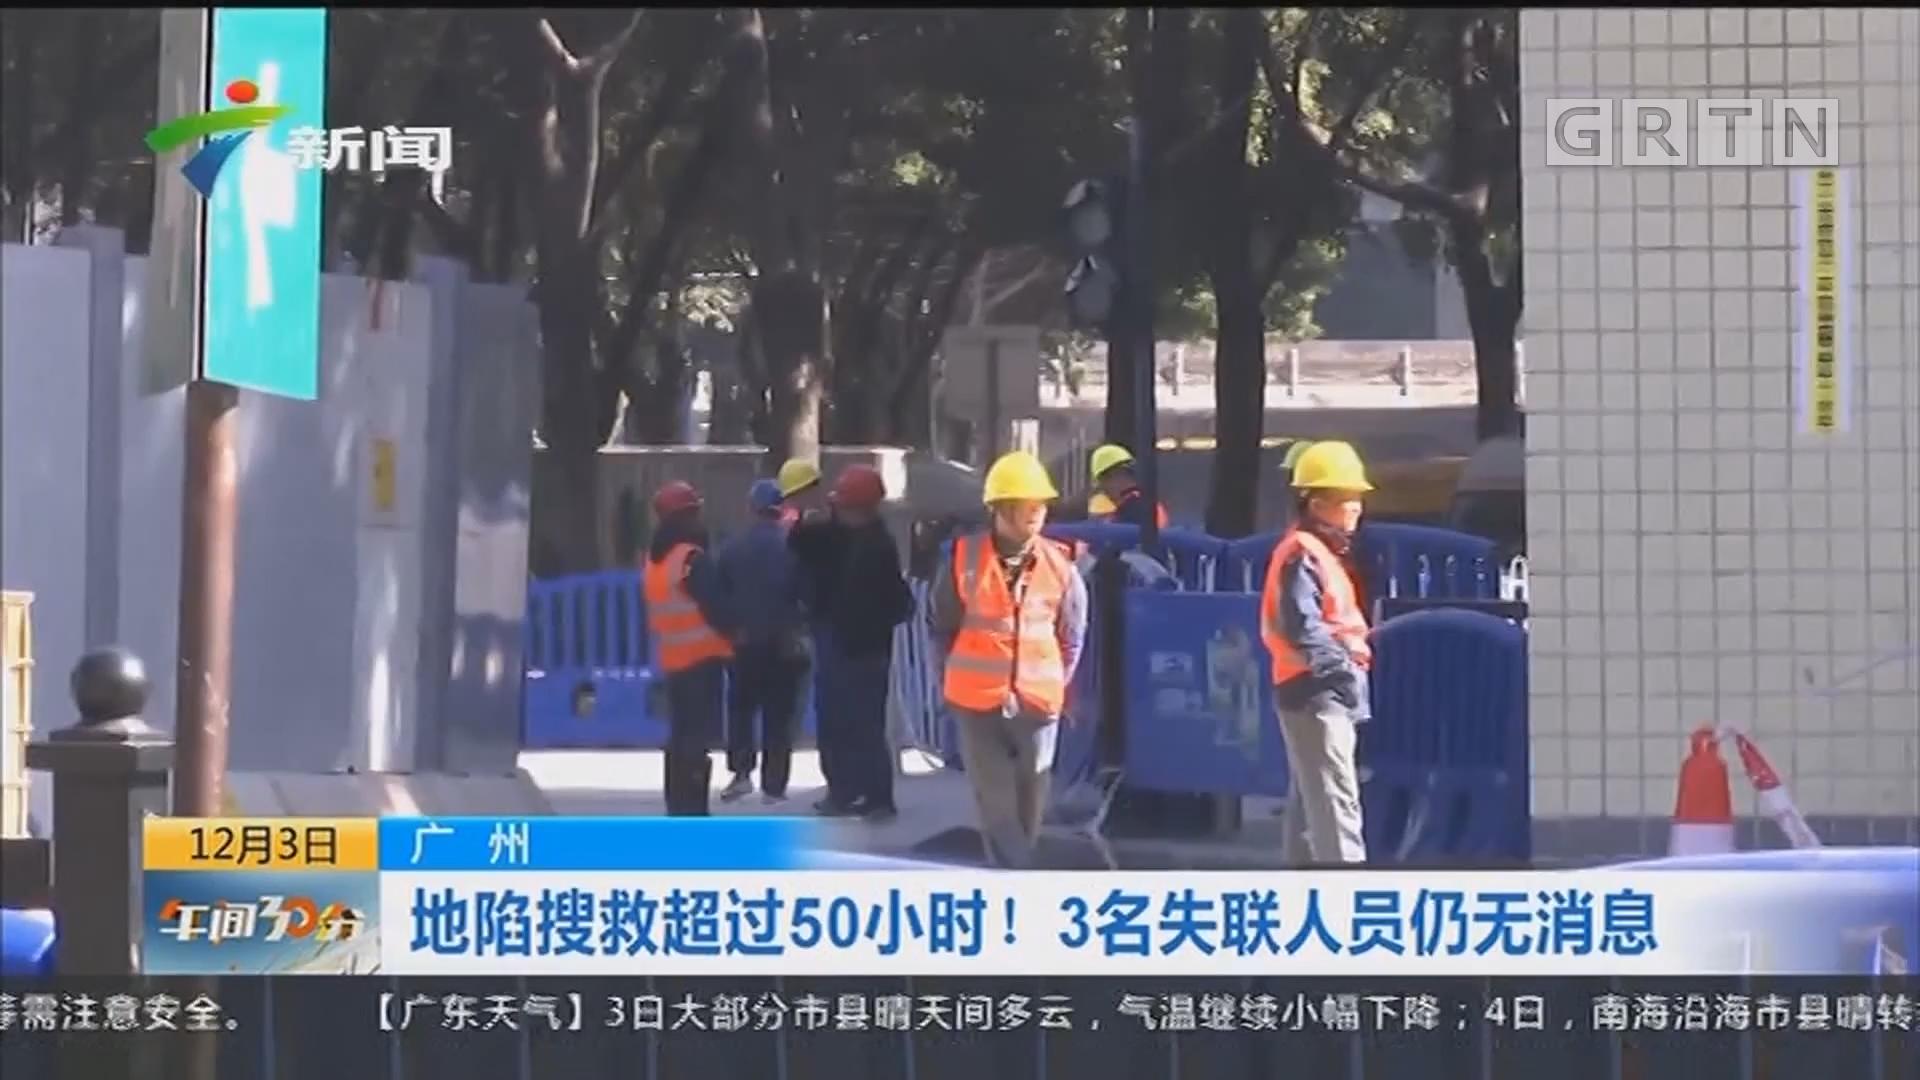 广州:地陷搜救超过50小时!3名失联人员仍无消息